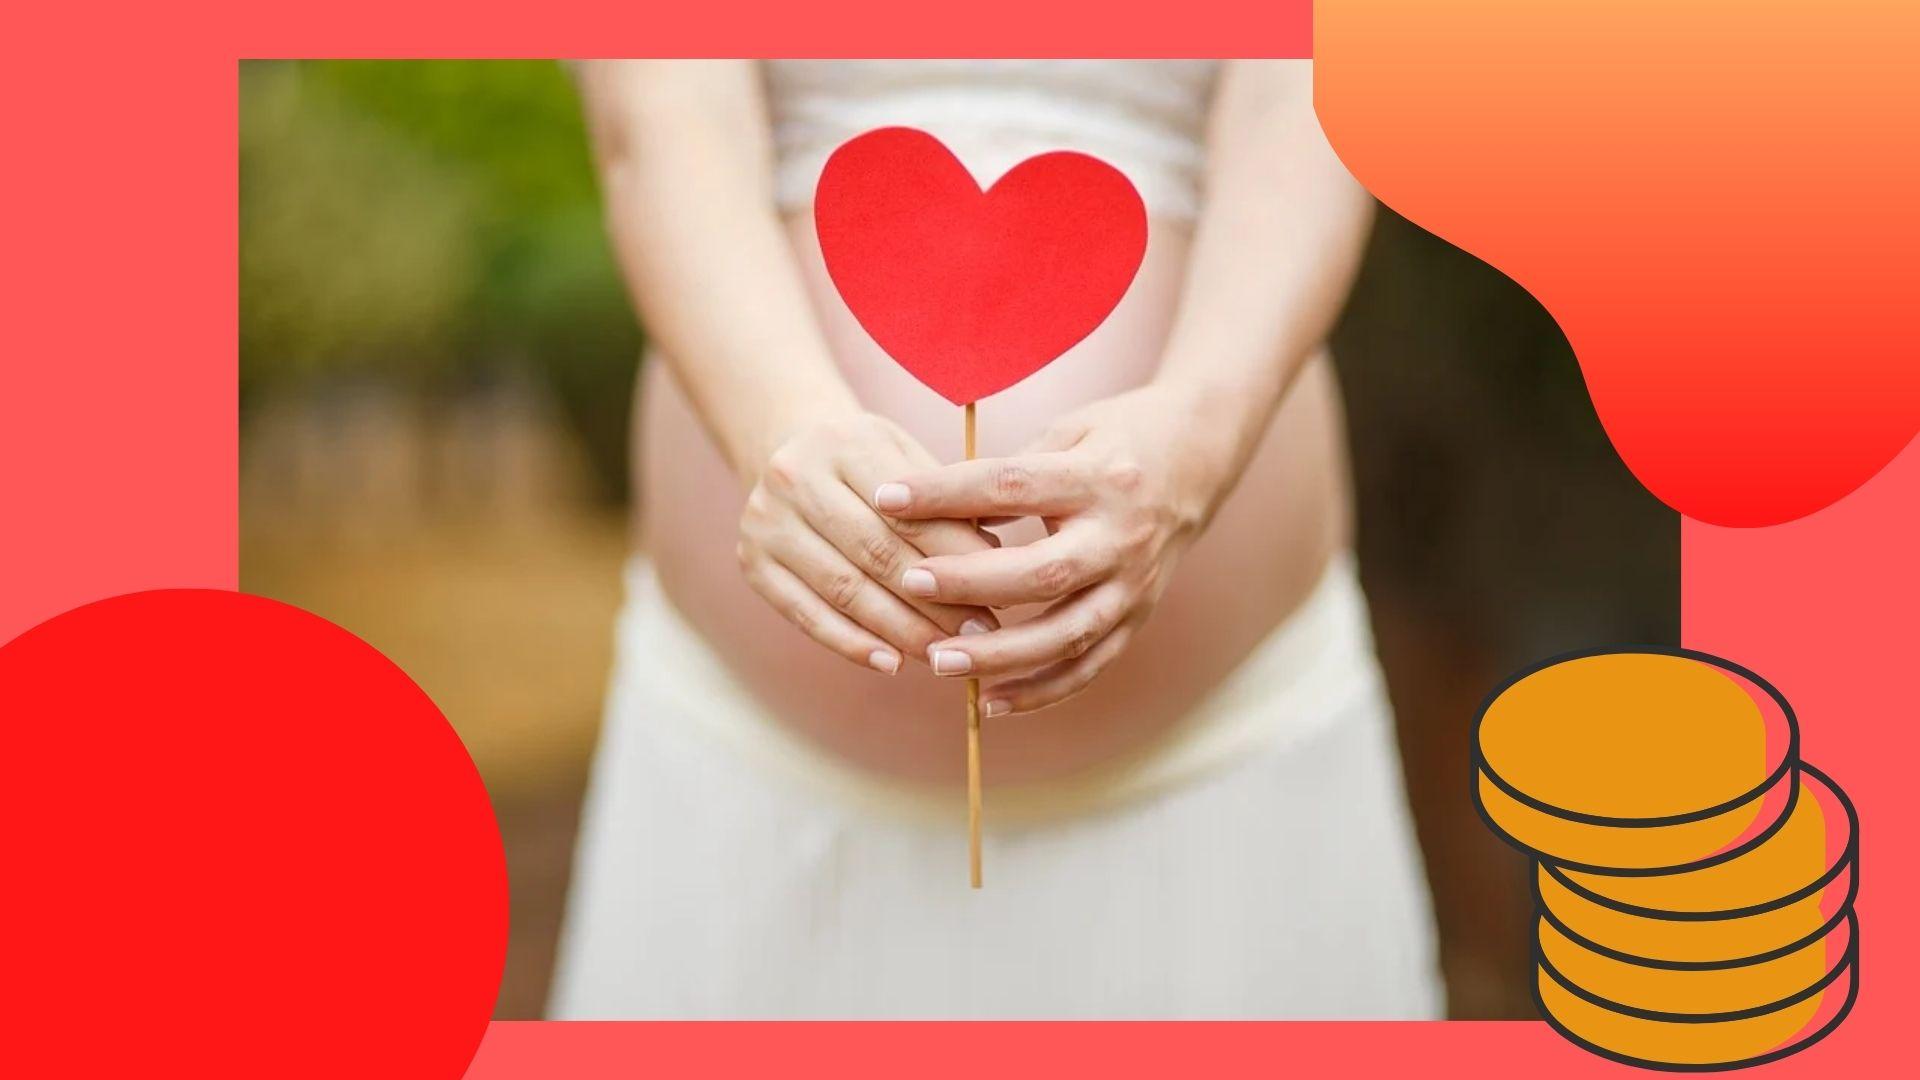 Пособие по беременности и родам (декретные выплаты)